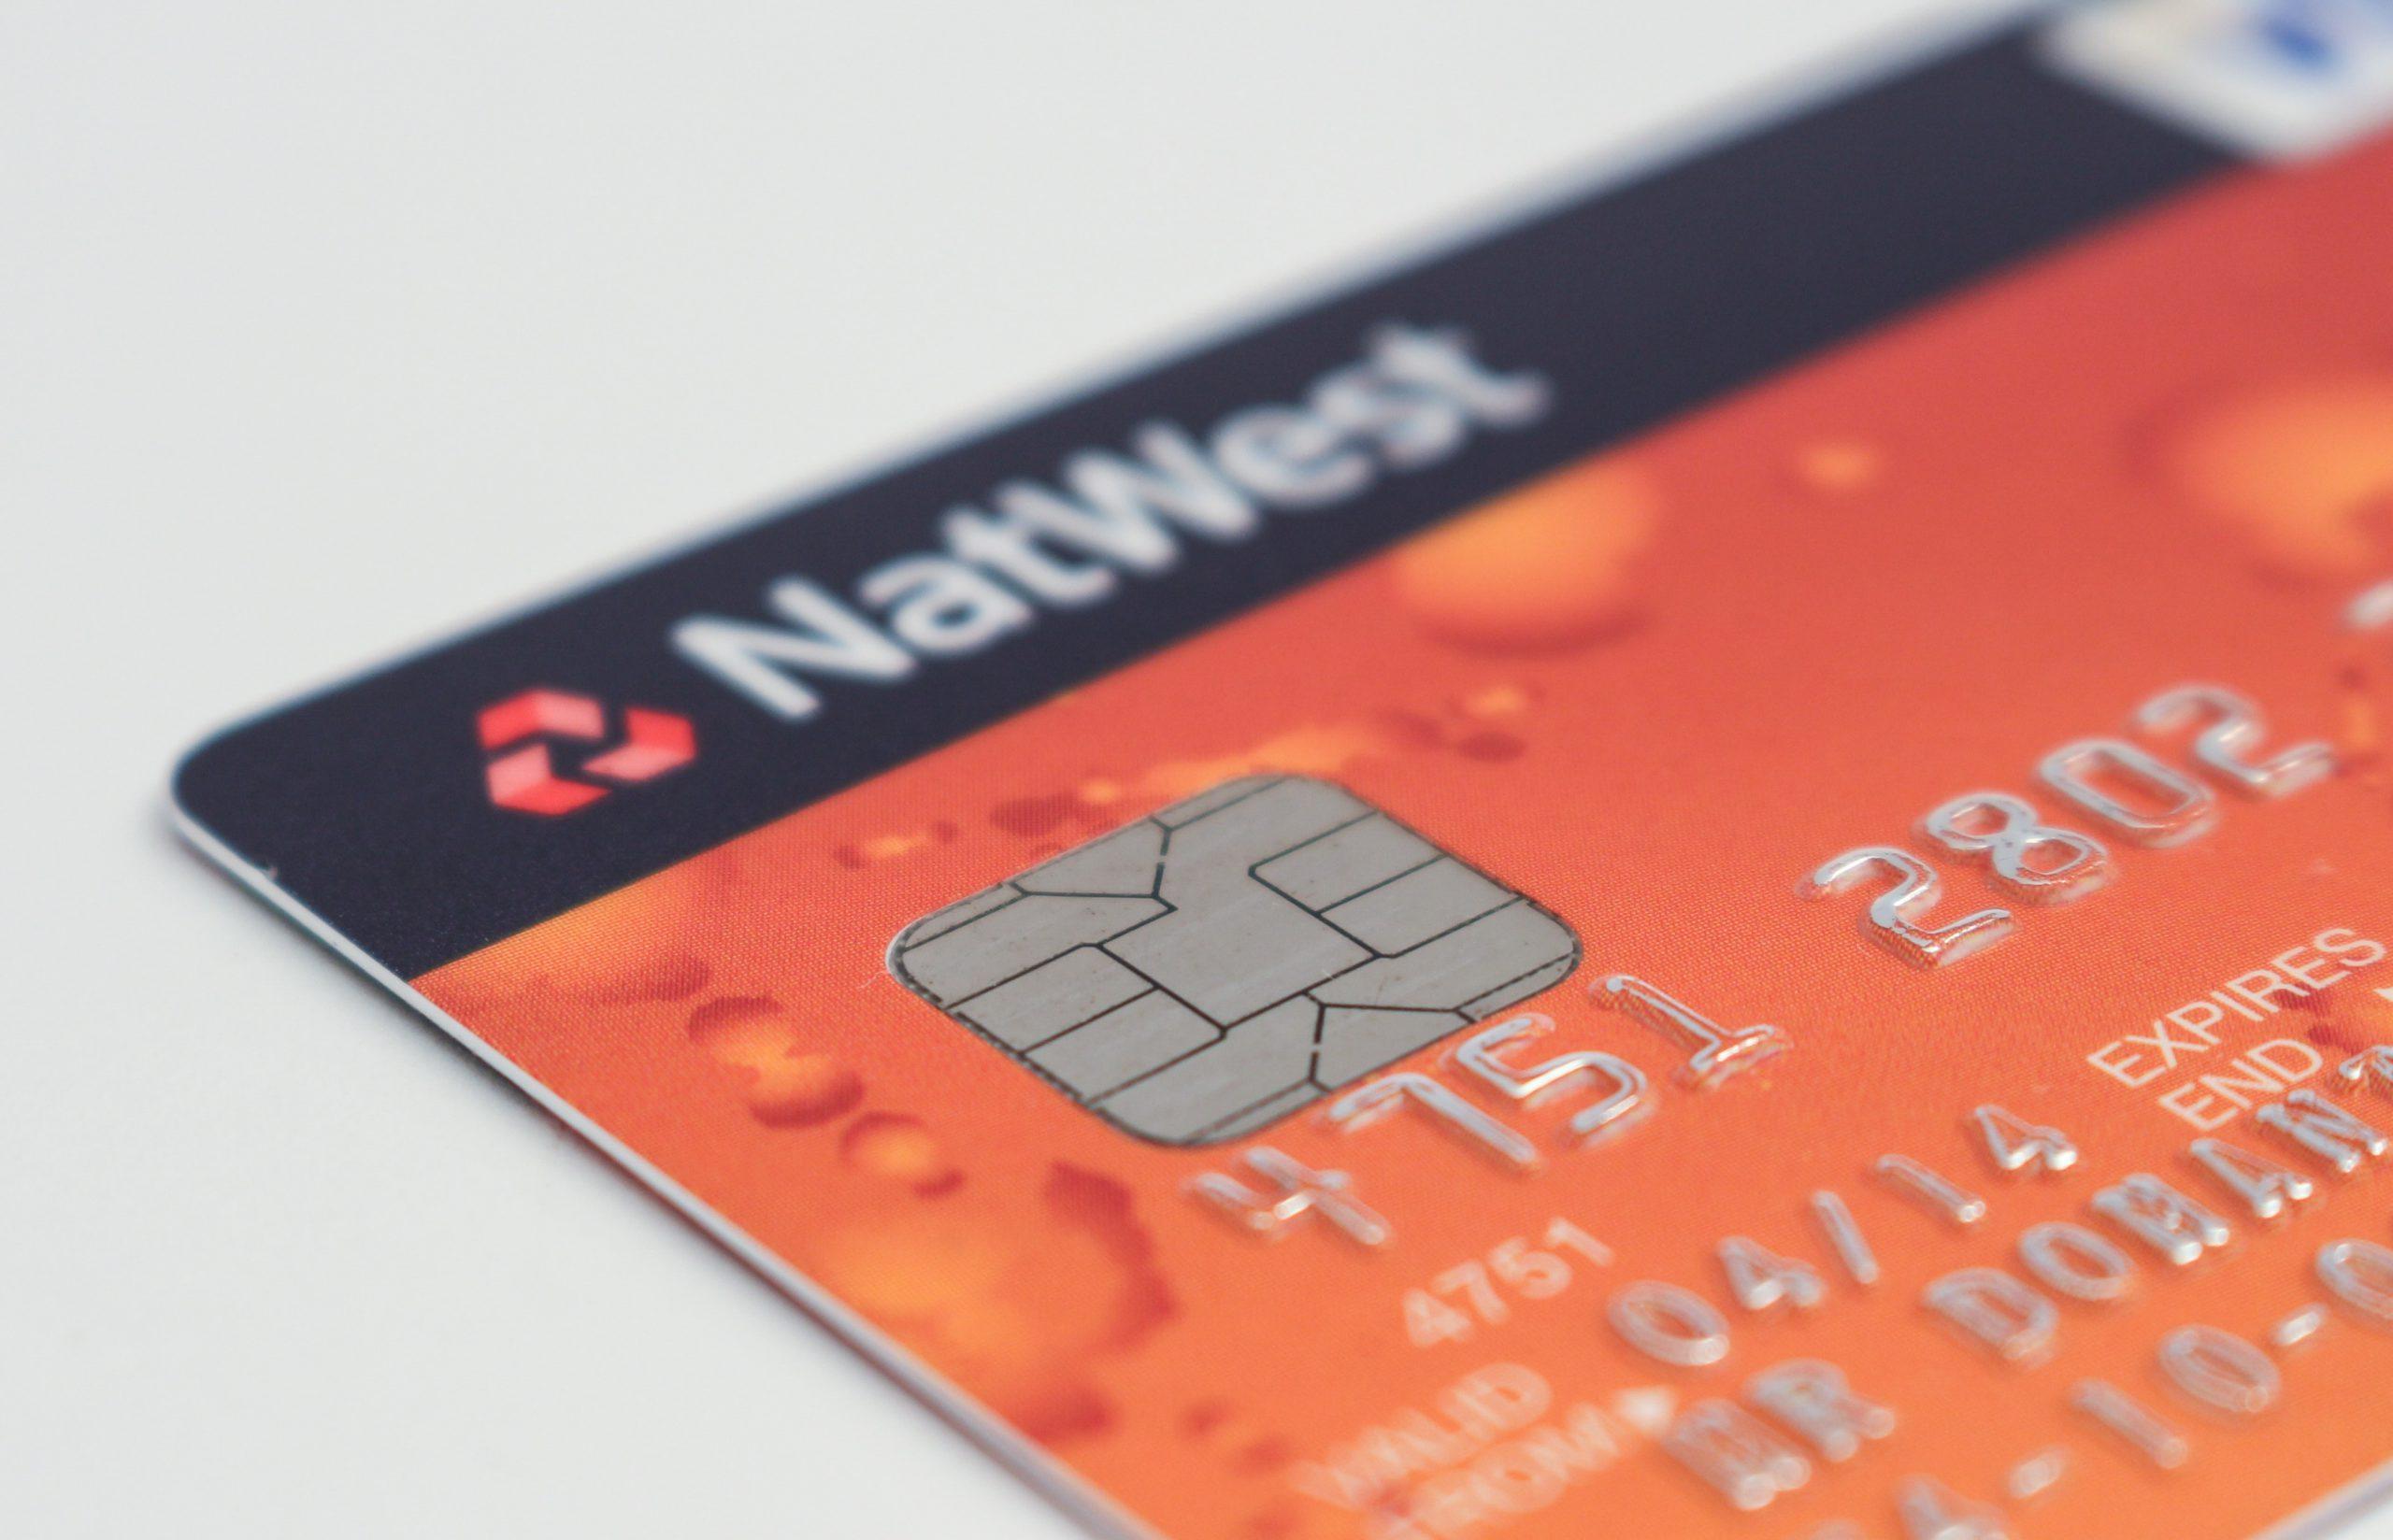 zakelijke lening aanvragen